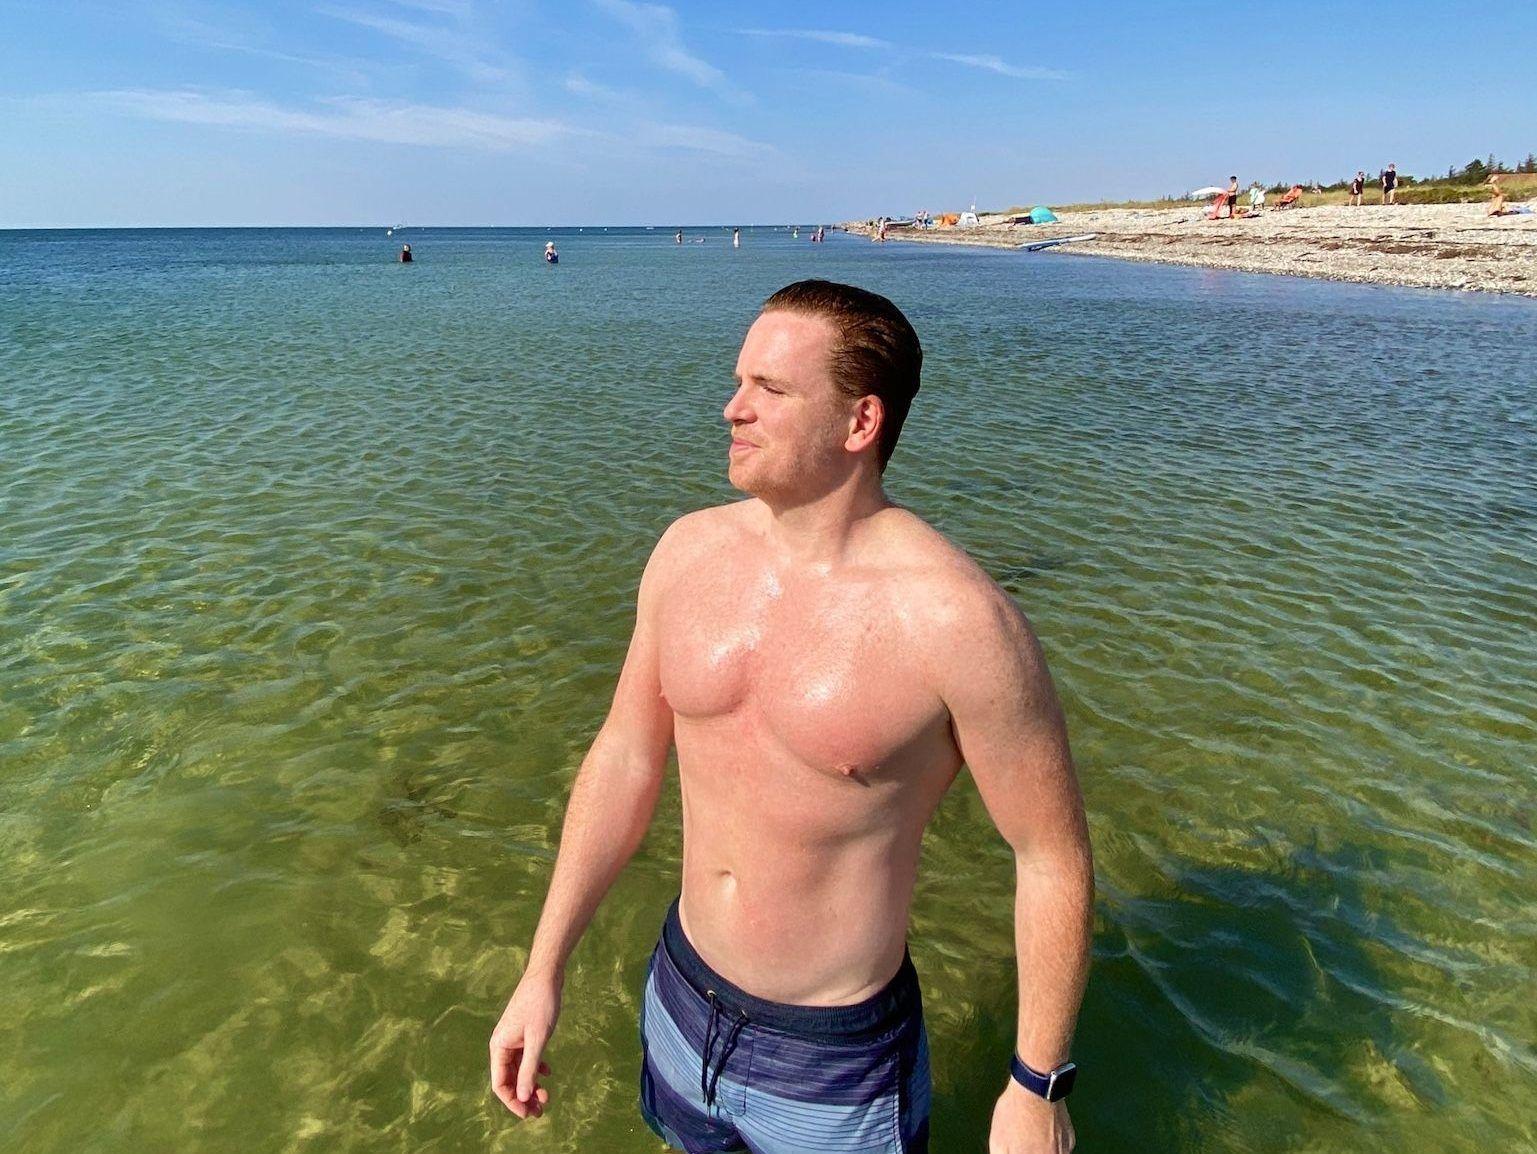 Natürlich gehört bei einem Fehmarn-Kurzurlaub auch ein erfrischendes Bad im glasklaren Meerwasser der Ostsee dazu. Foto: Michael B.